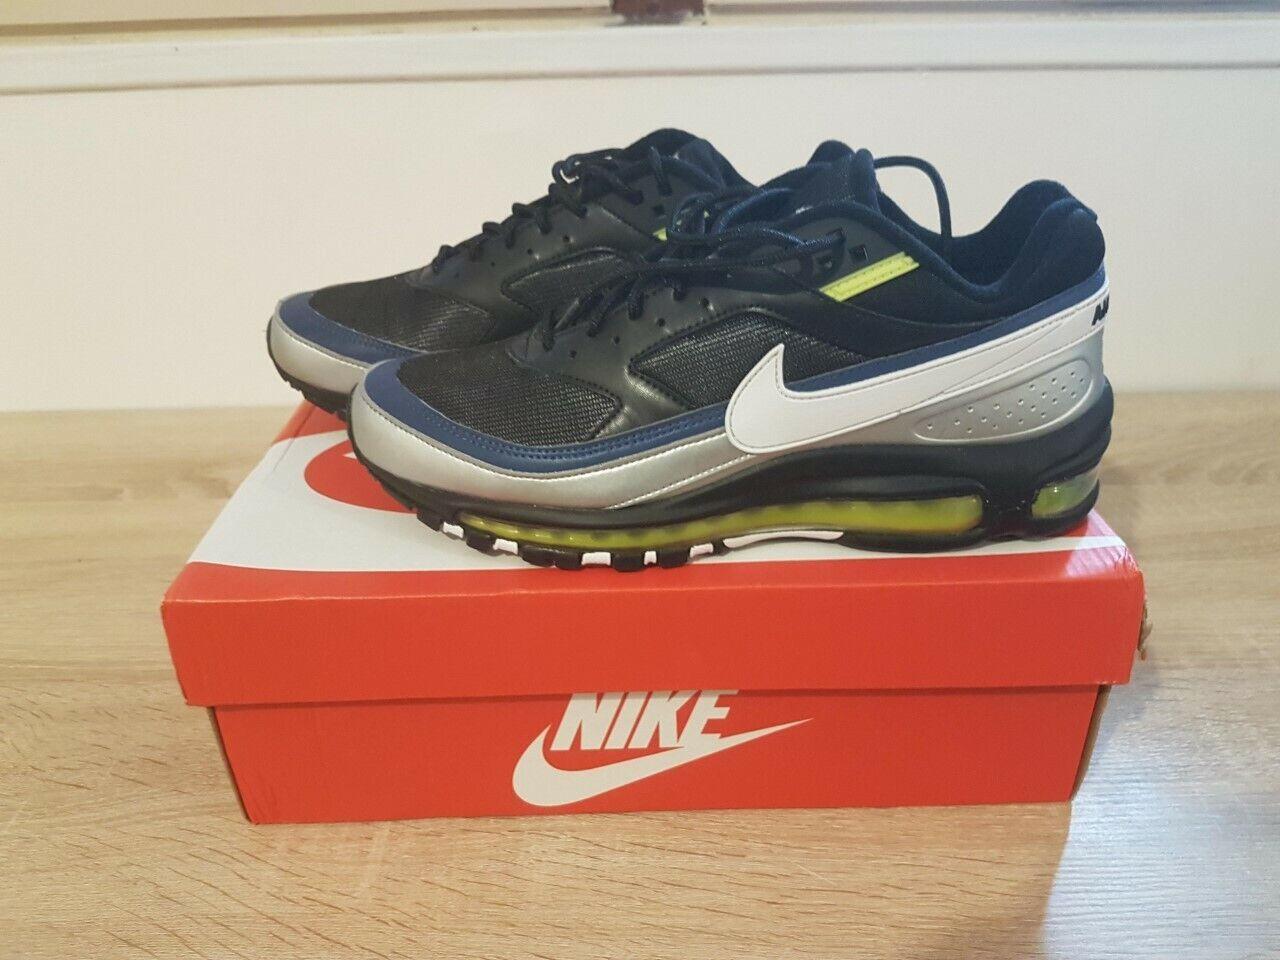 Nike air max 97 bw black white metallic silver 41 eu 8 us très bon état